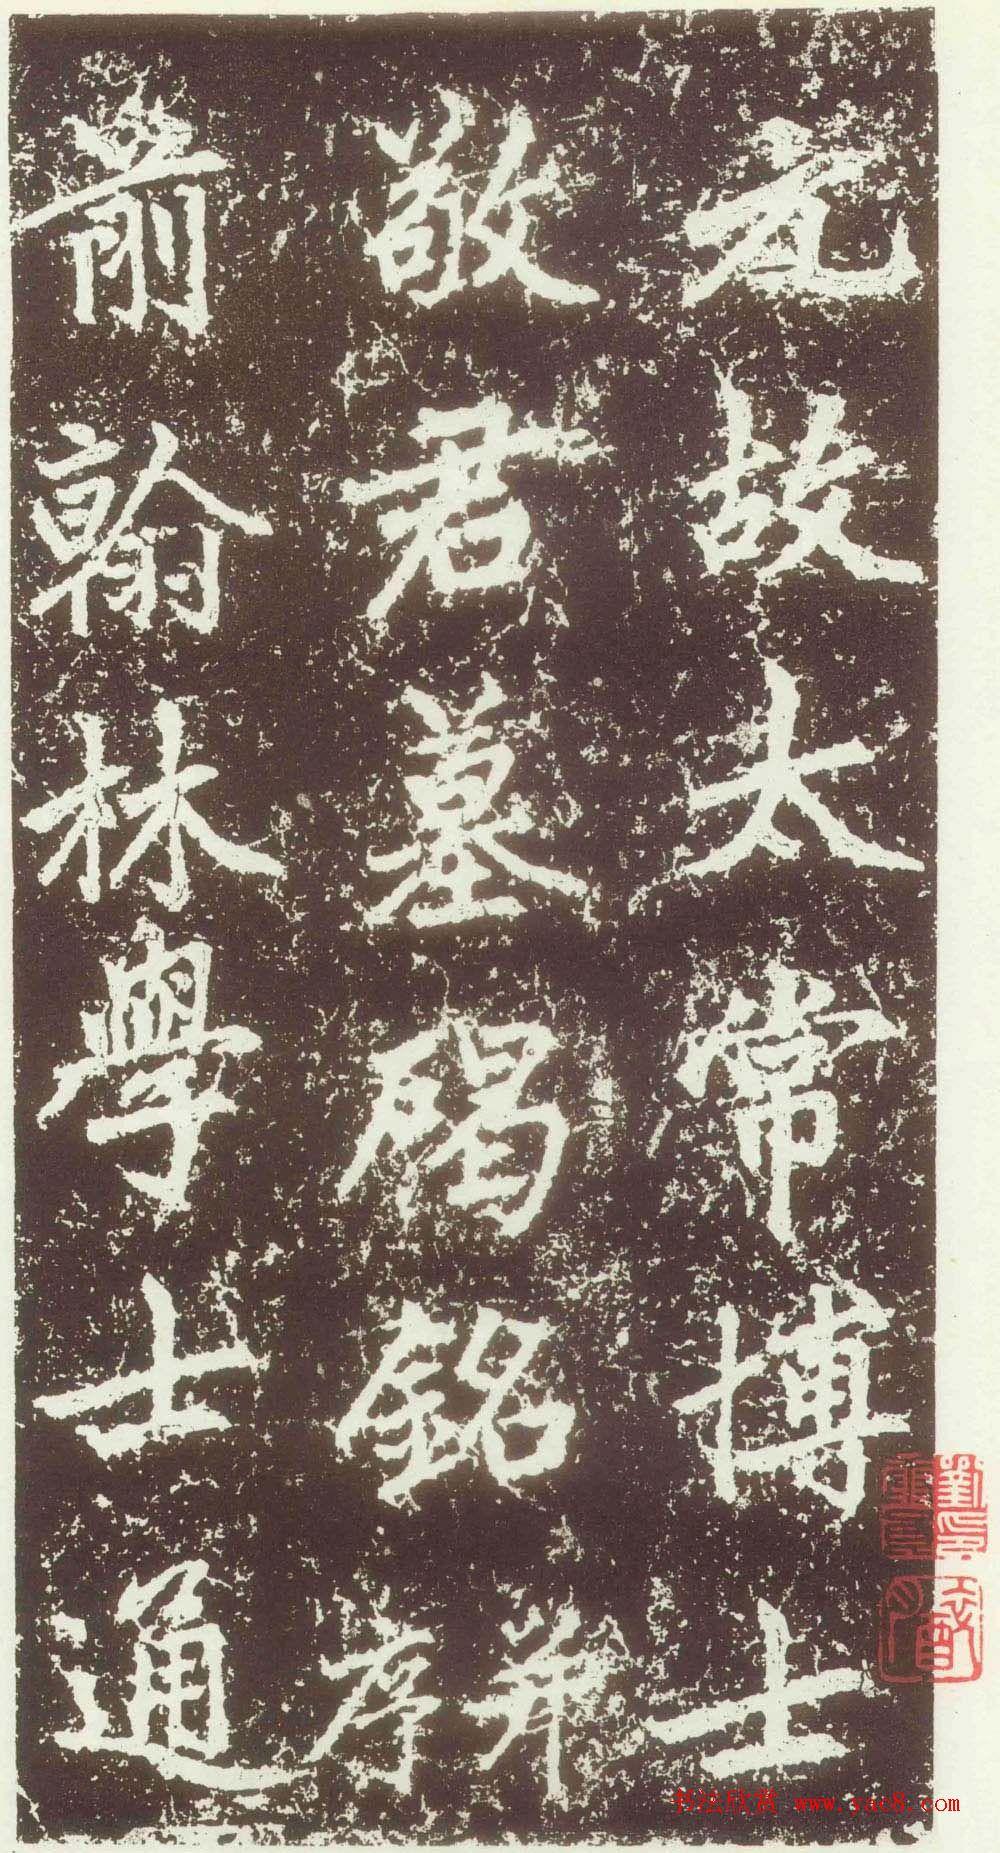 赵孟�\行楷书法欣赏《元故太常博士敬君墓碣铭并序》